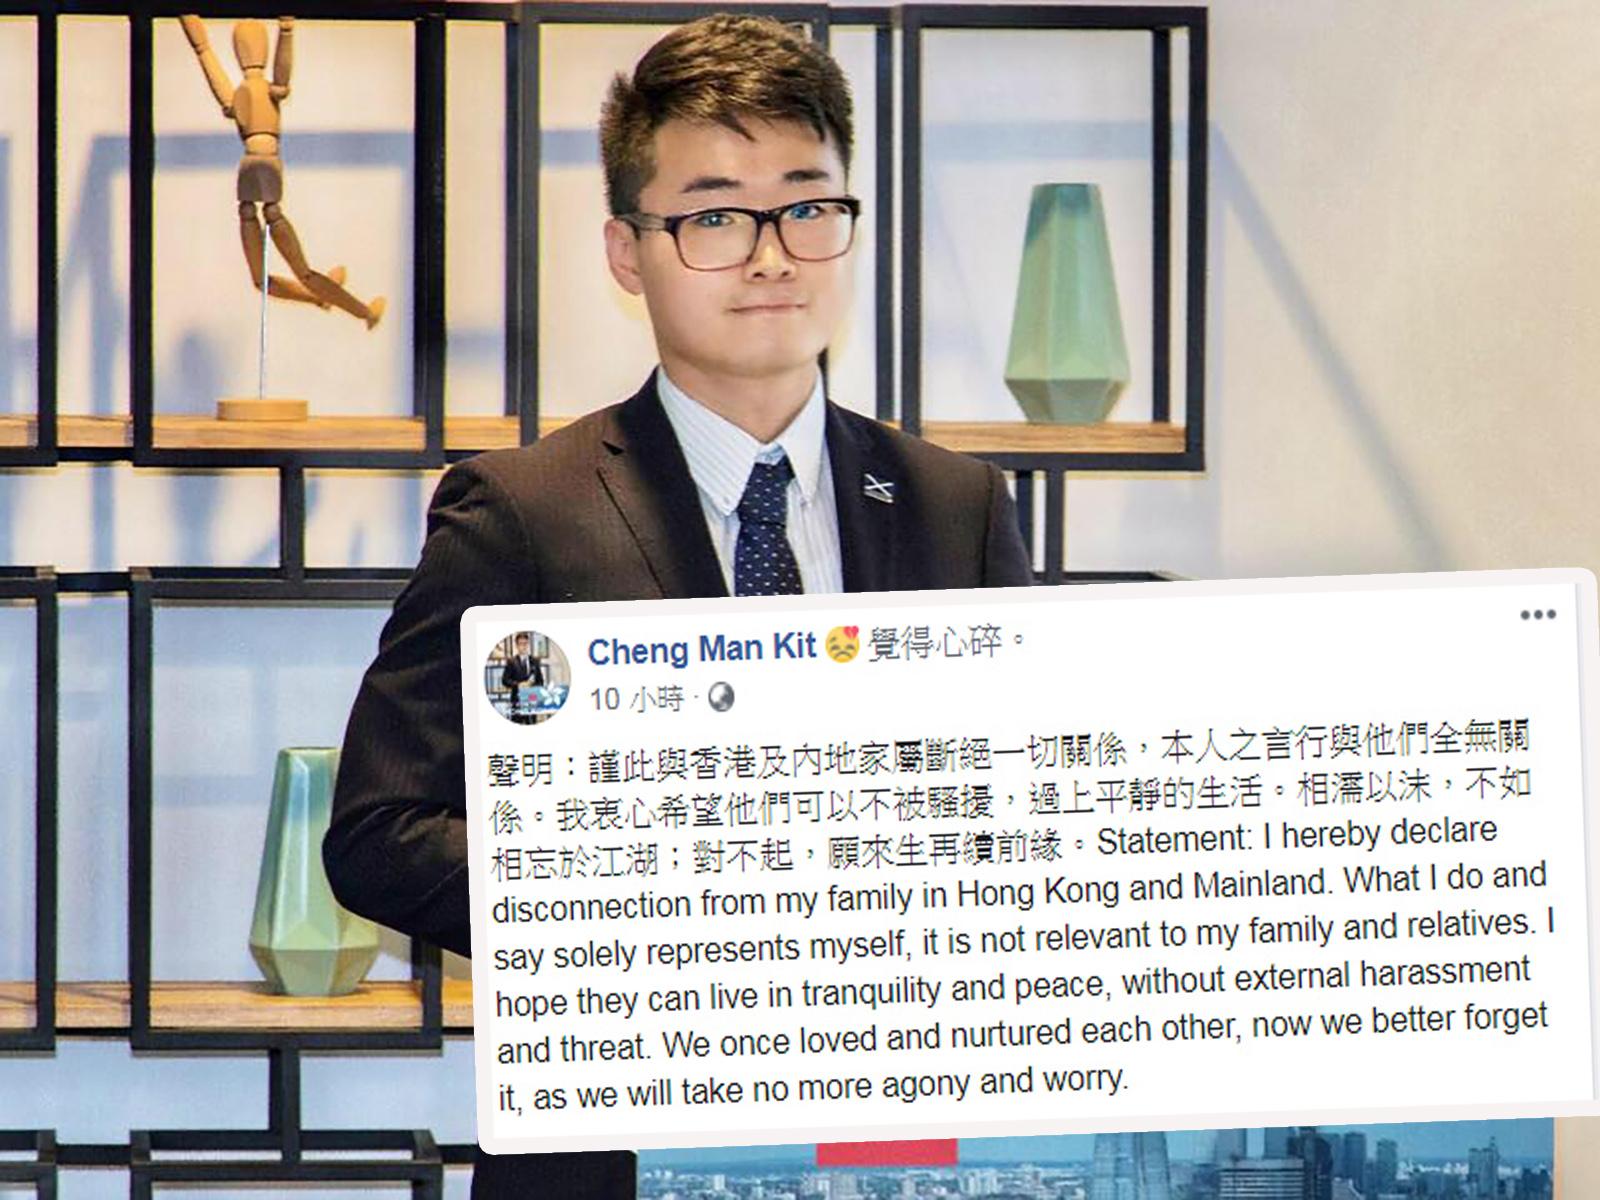 前英领馆港僱员郑文杰fb宣布 与家人断绝一切关系